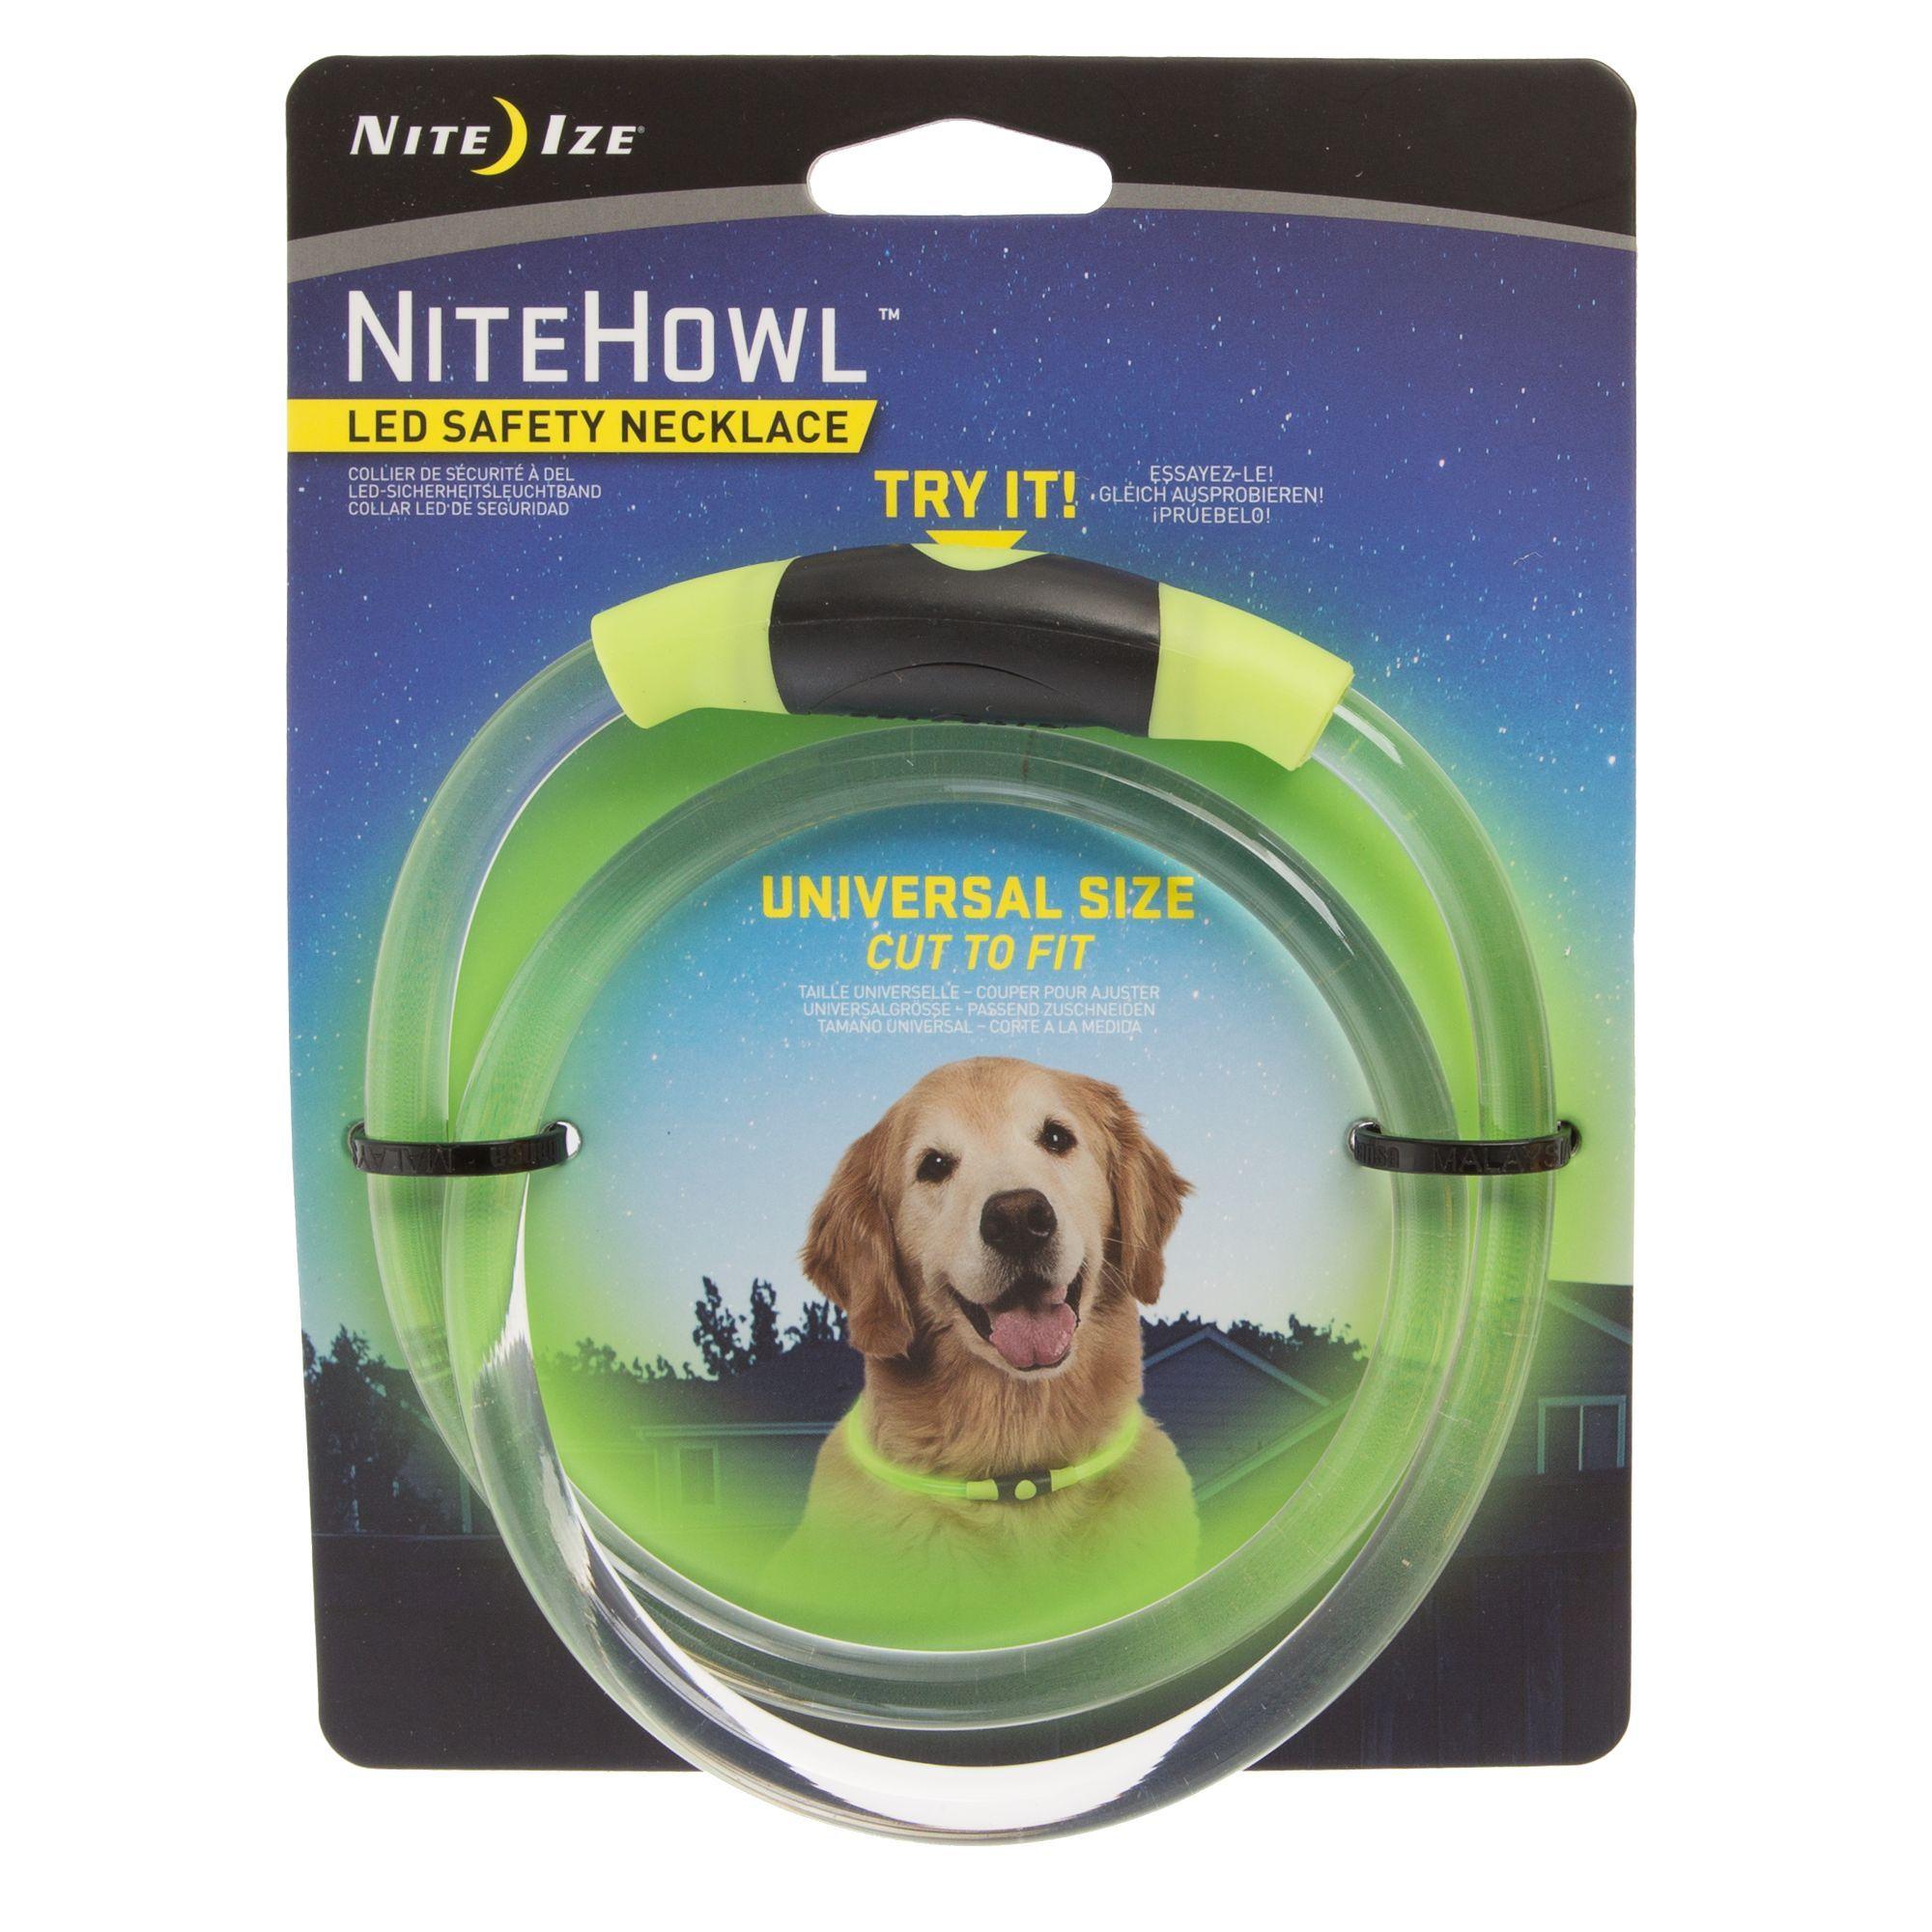 Nite Ize Nitehowl Trade Led Dog Safety Necklace In 2020 Dog